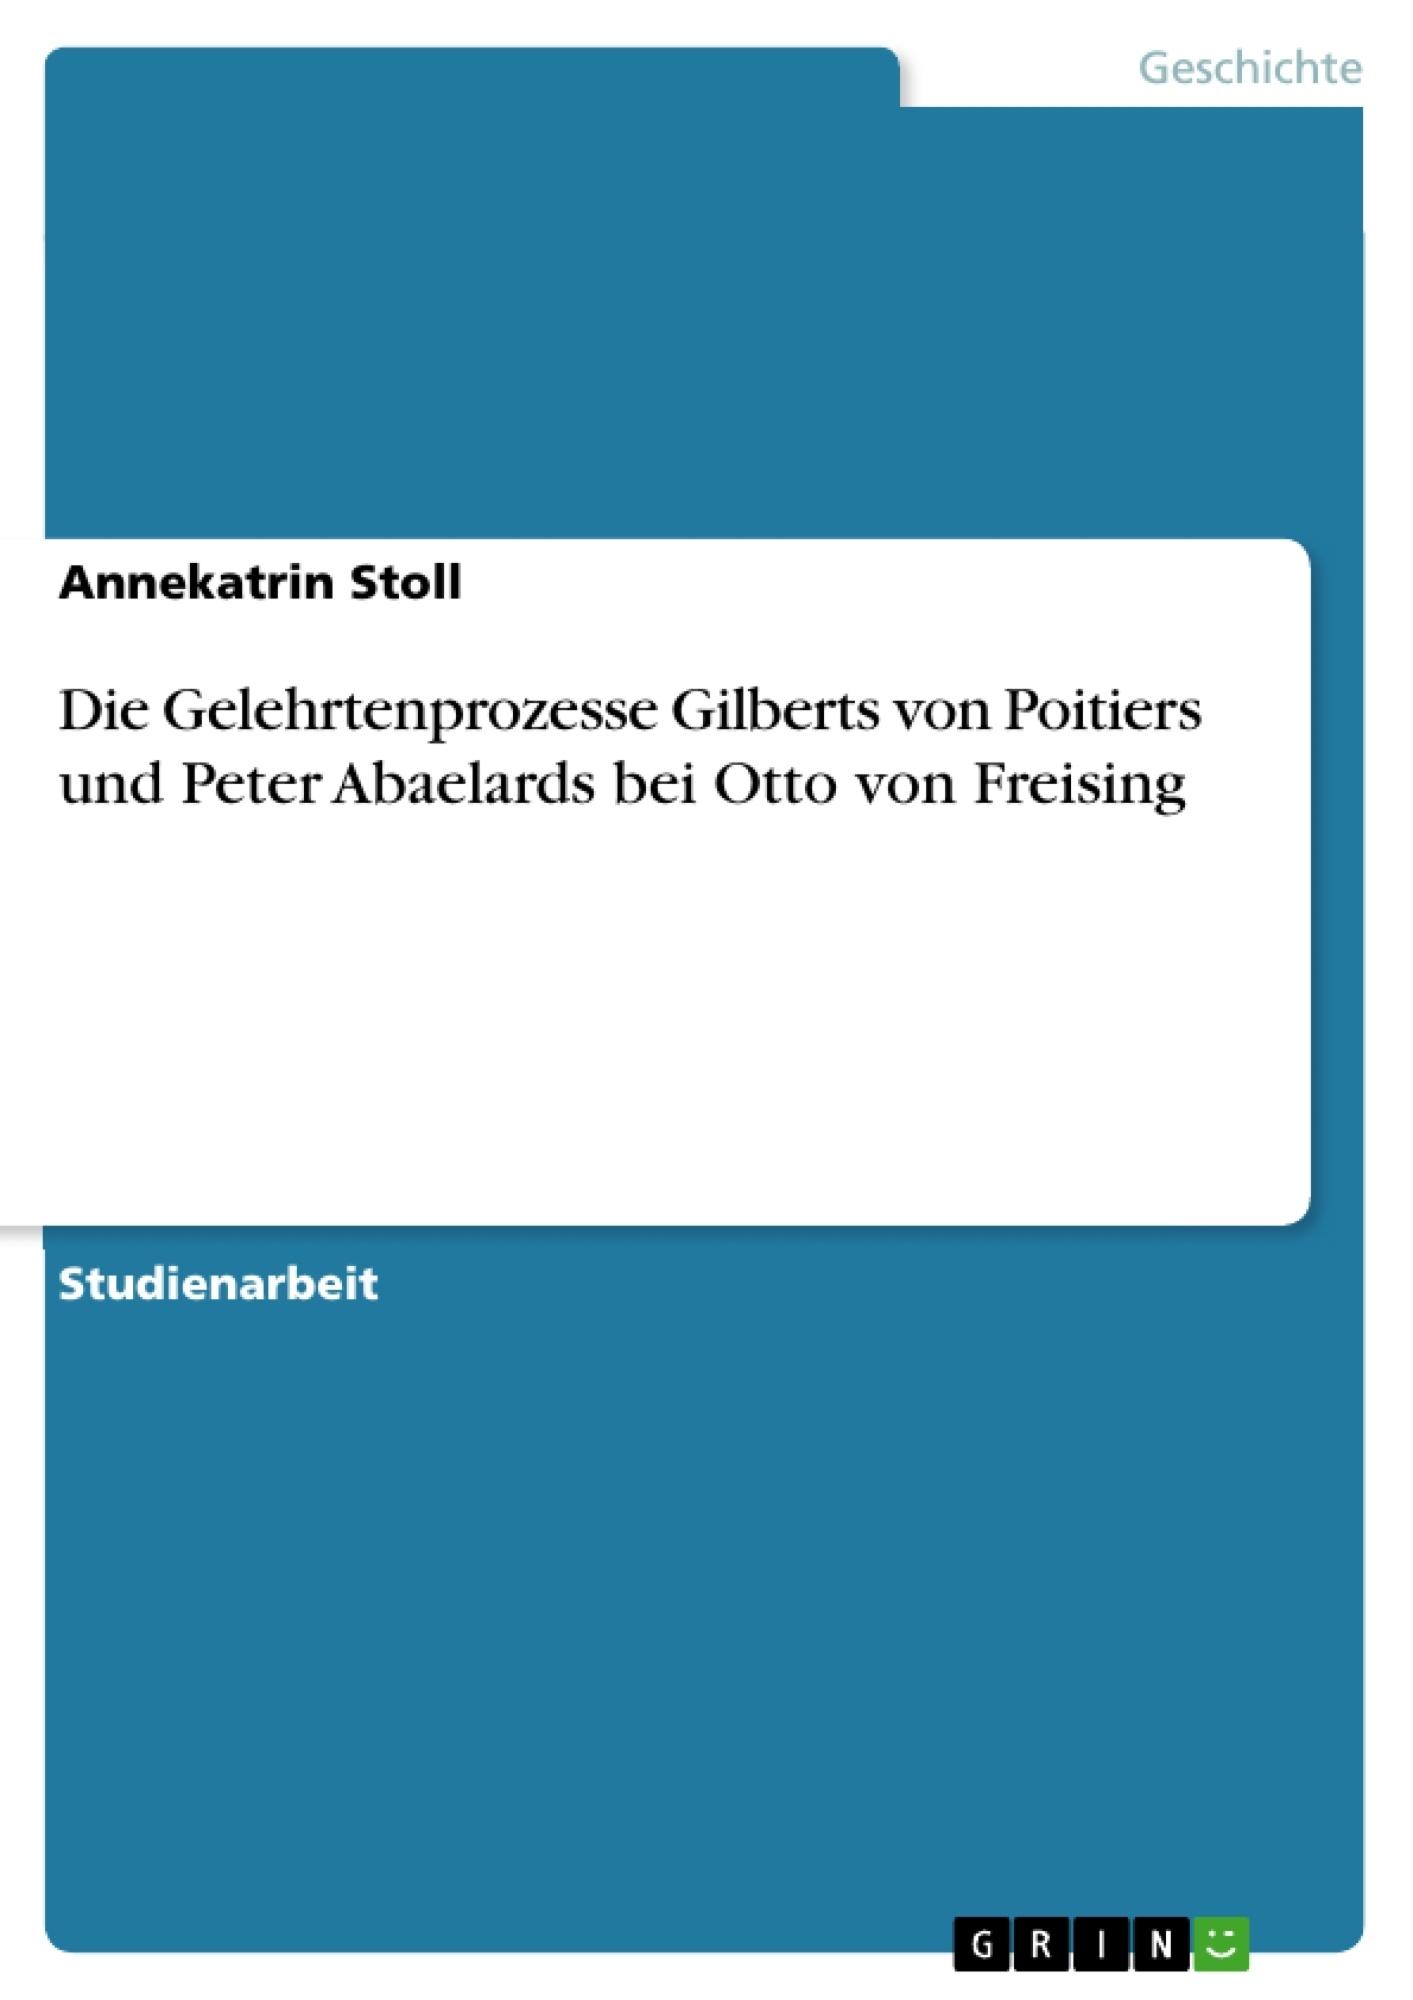 Titel: Die Gelehrtenprozesse Gilberts von Poitiers und Peter Abaelards bei Otto von Freising